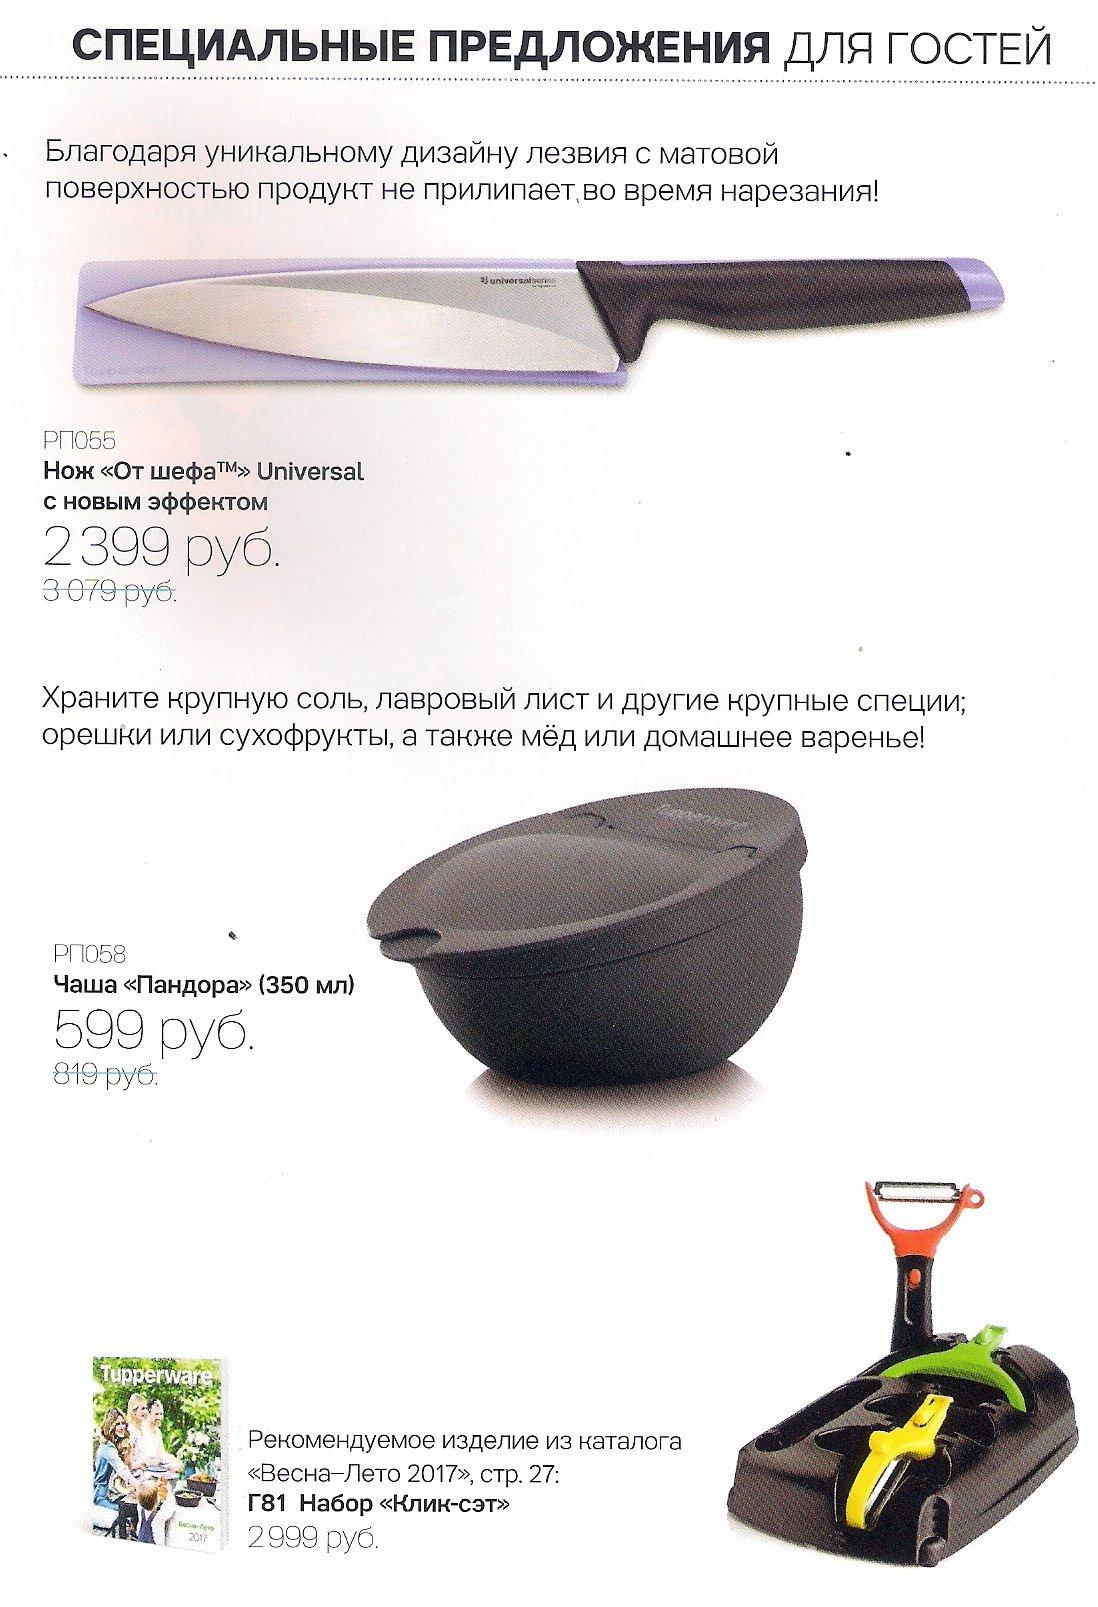 https://tupperware-online.ru/images/upload/7H.jpg